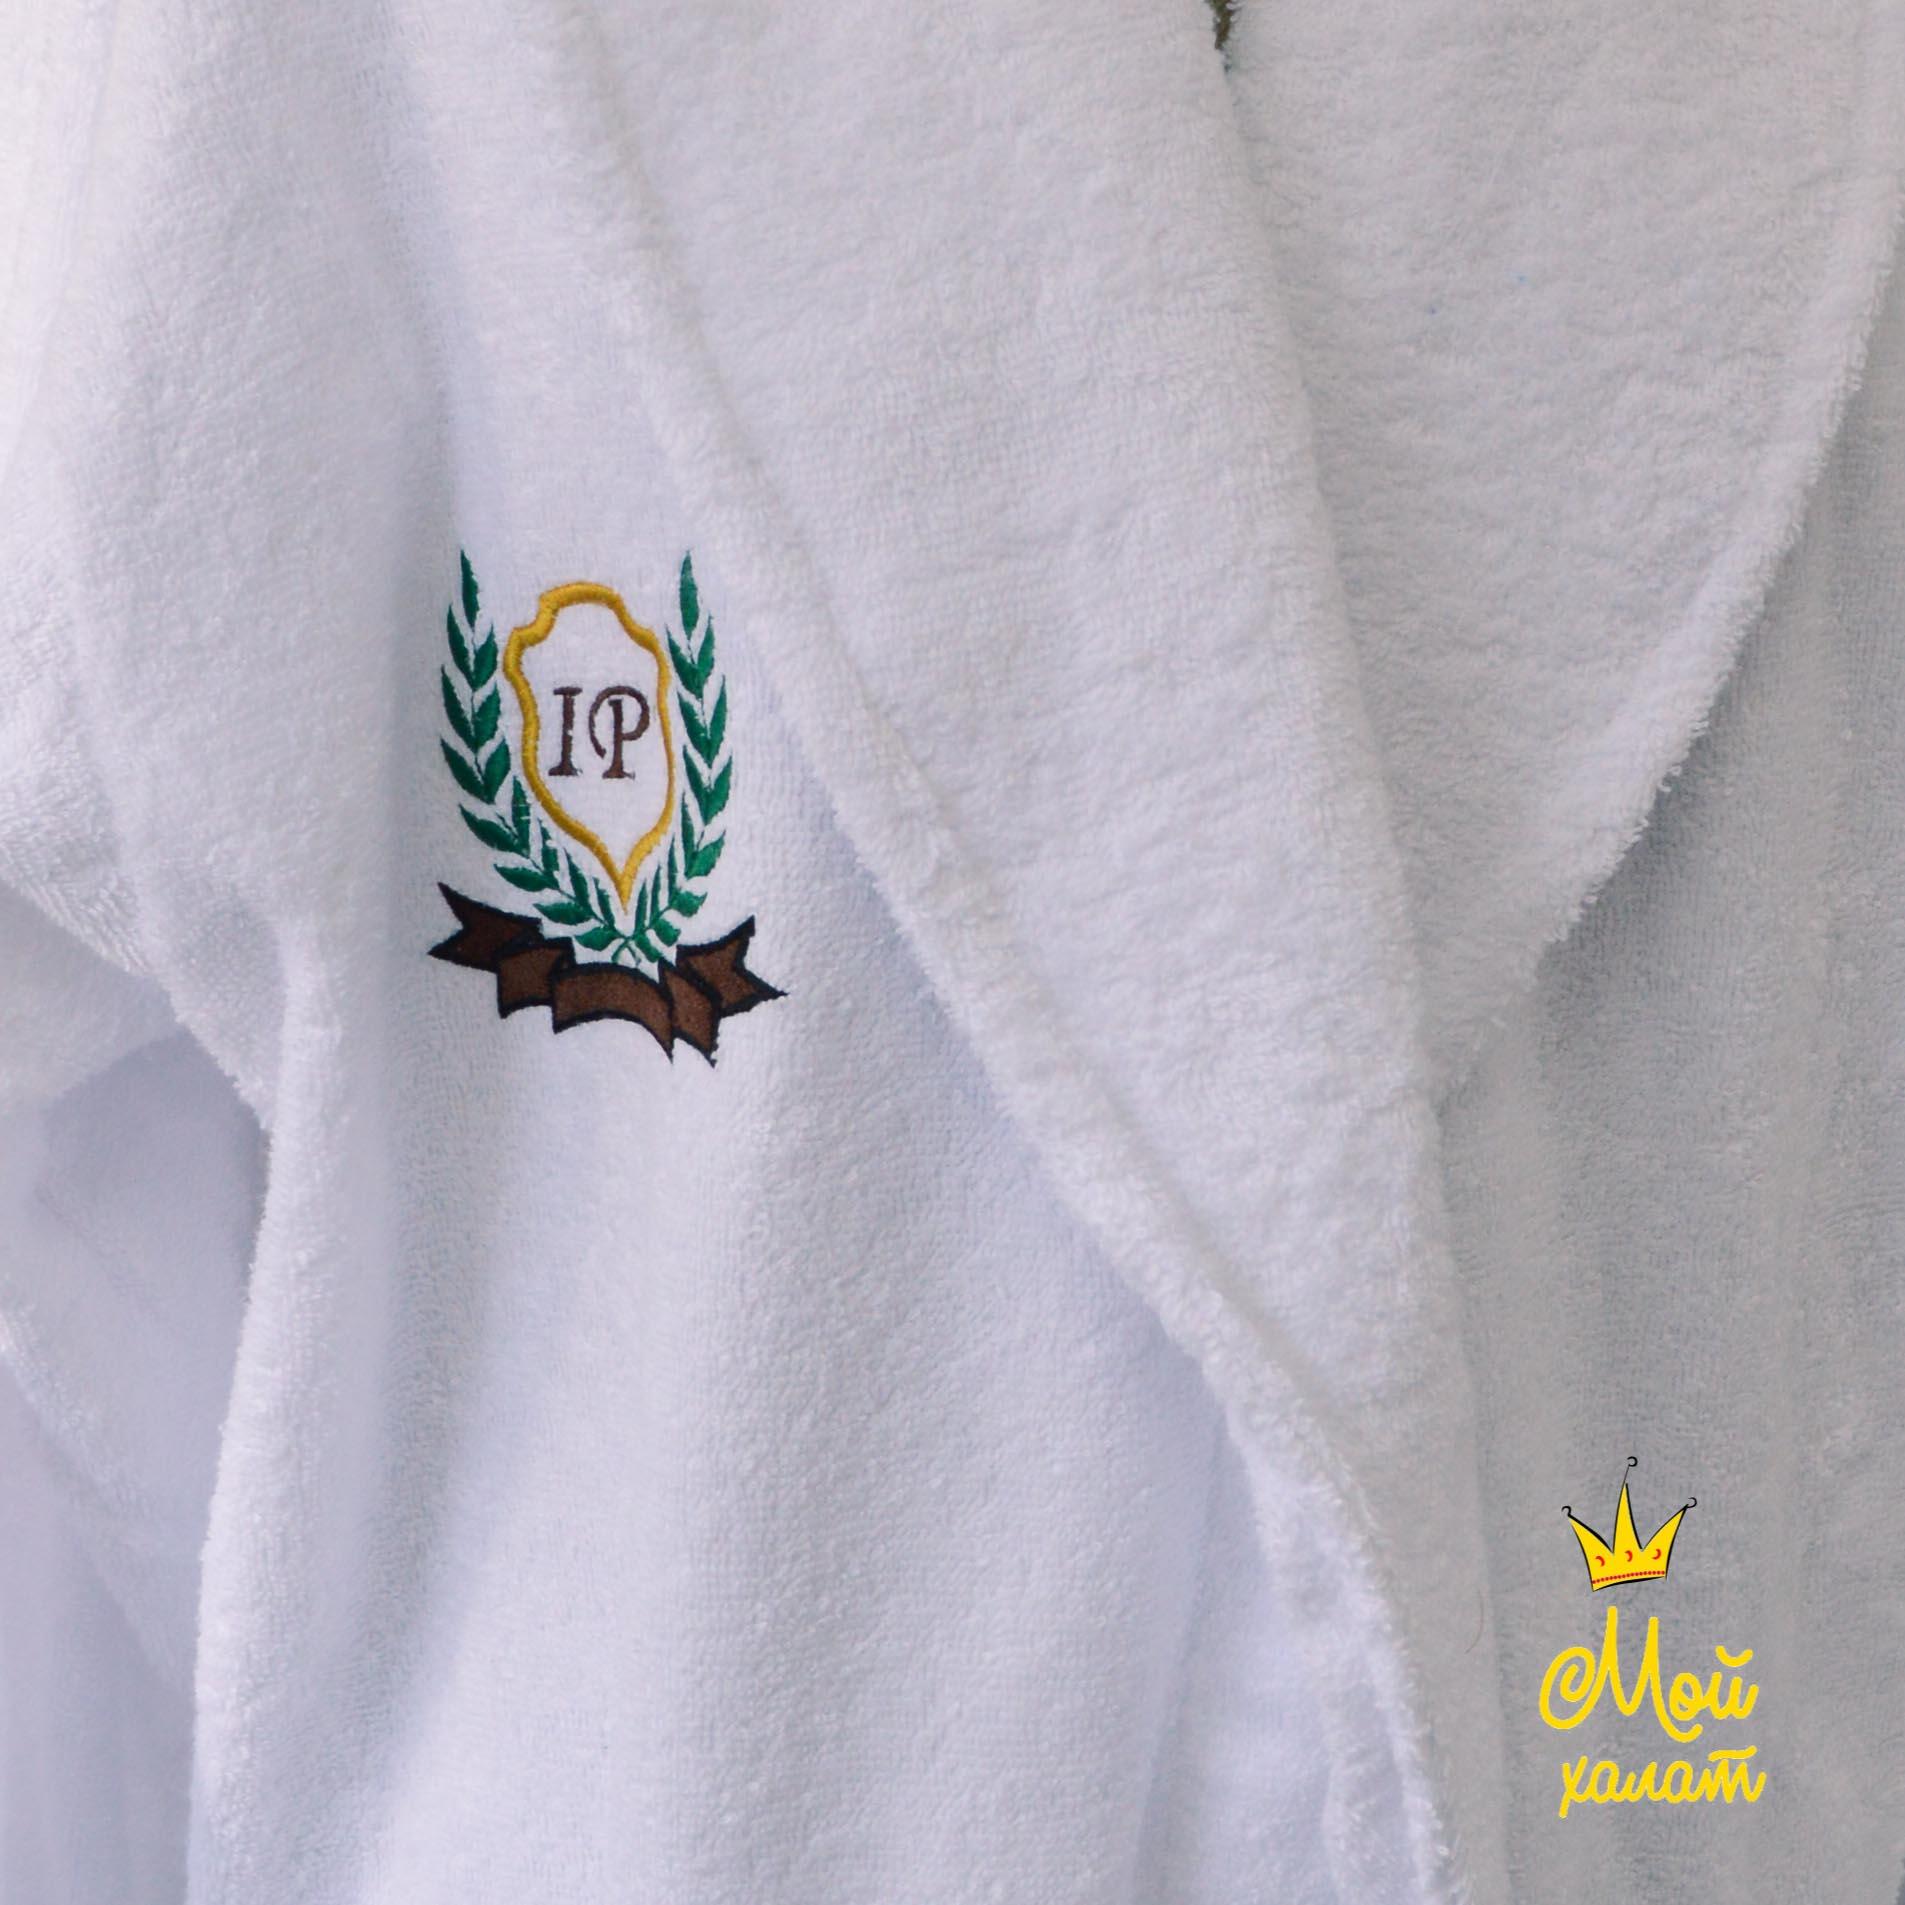 Заказать, купить халат с именной вышивкой в Ростове 53